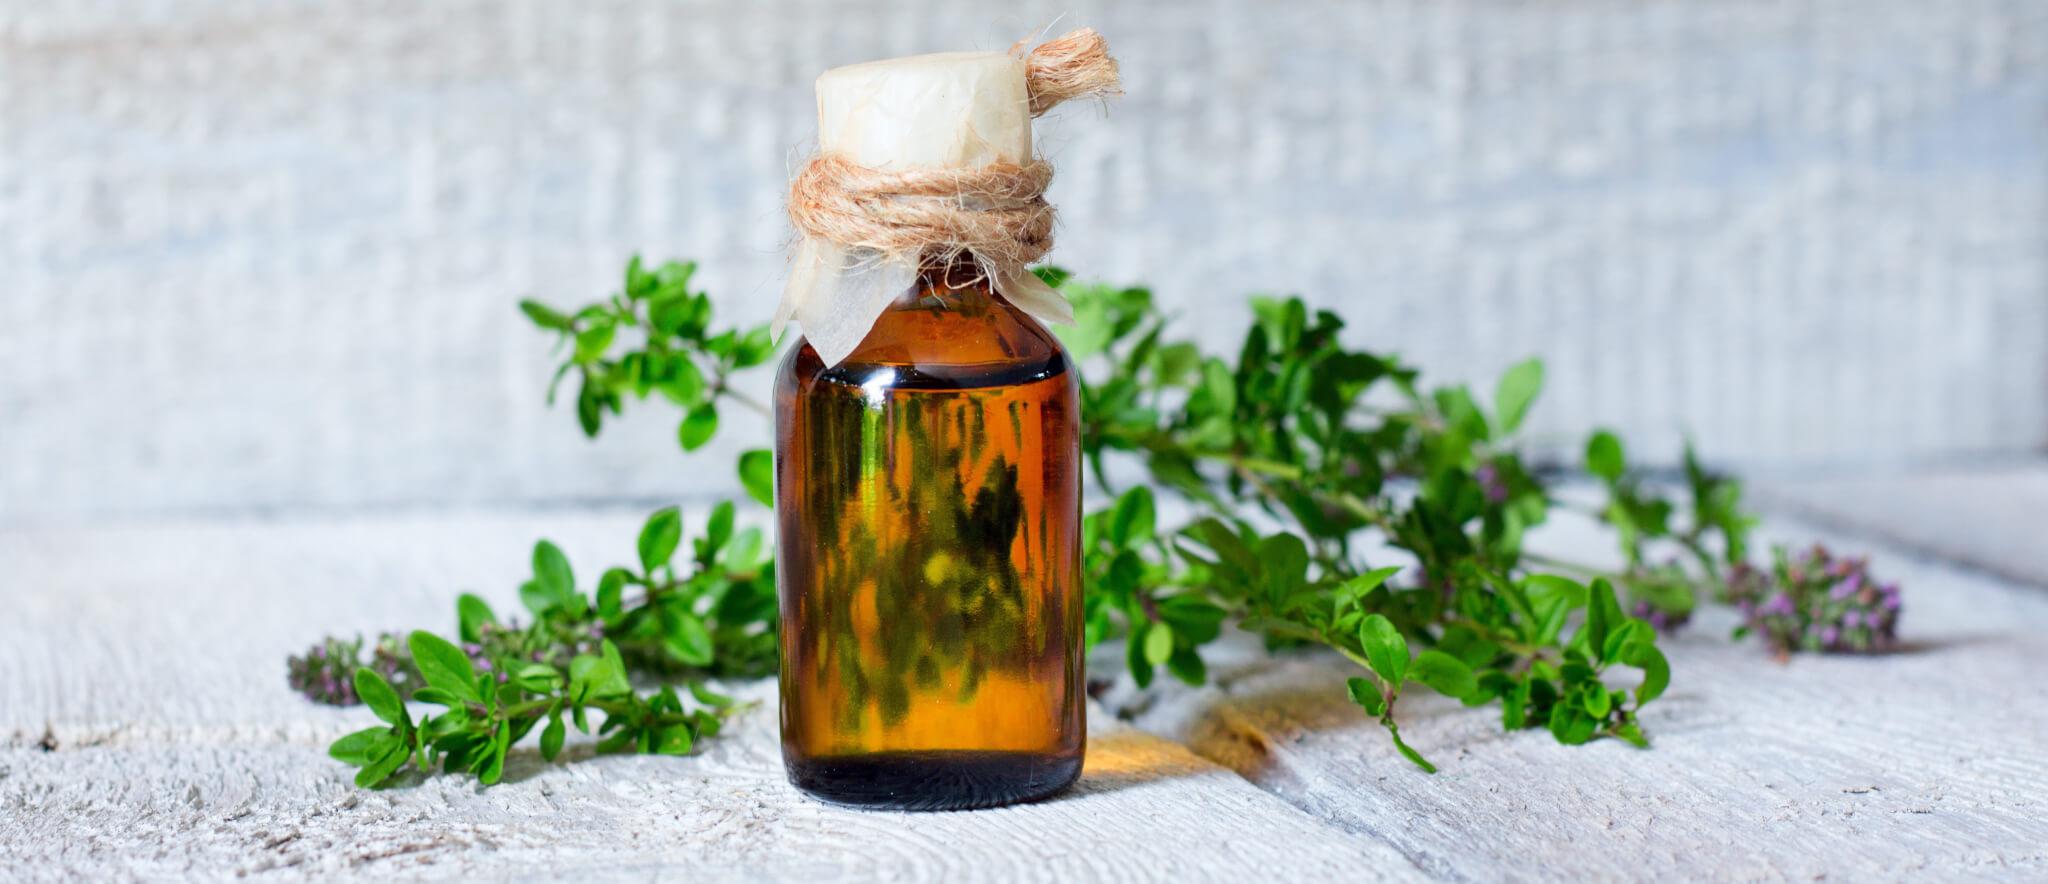 Fläschchen mit ätherischem Öl